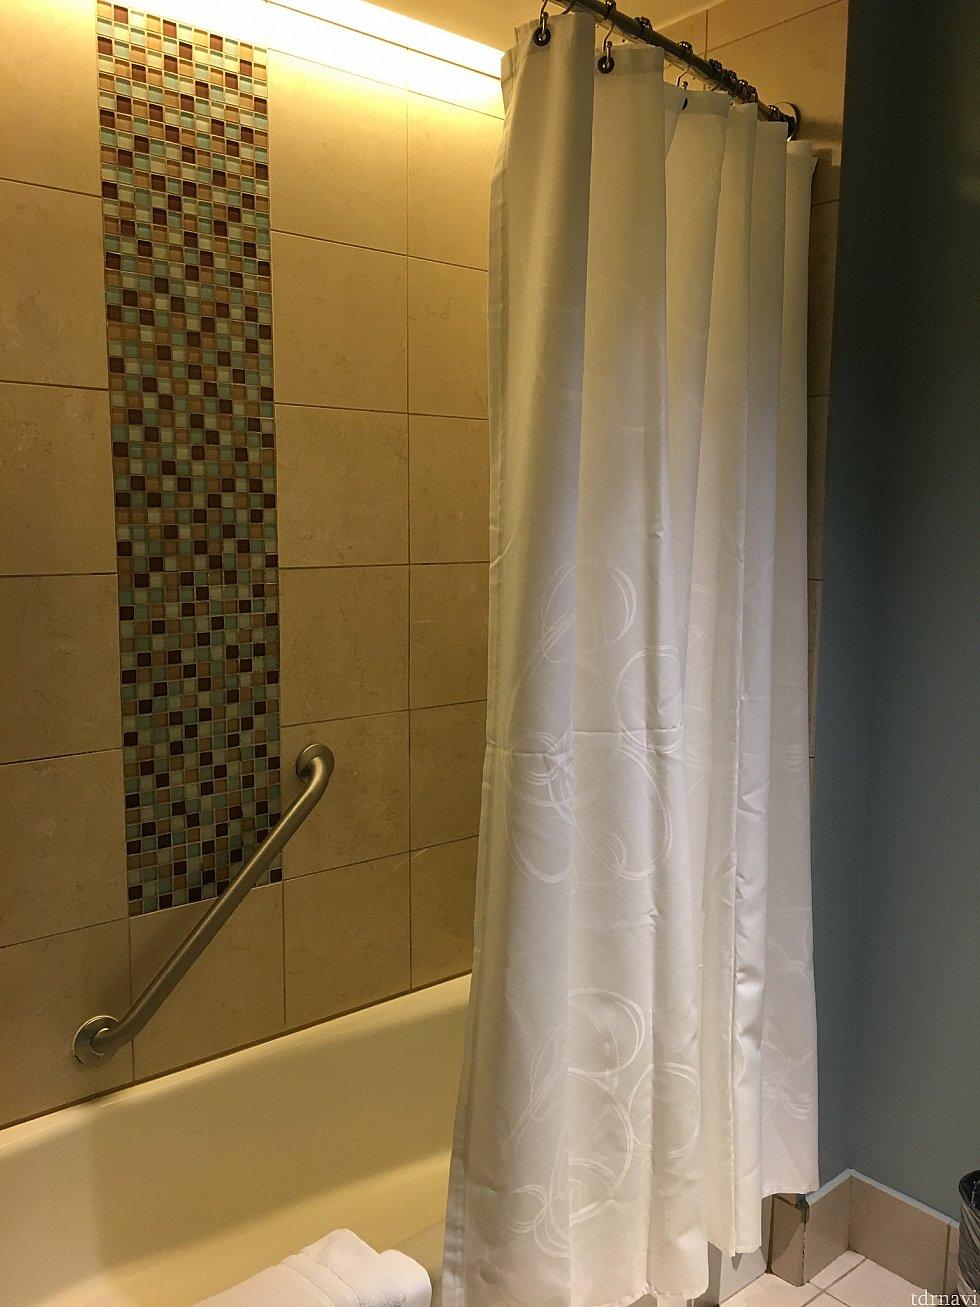 シャワーカーテンをよく見ると、ミッキーがいるのがわかります。